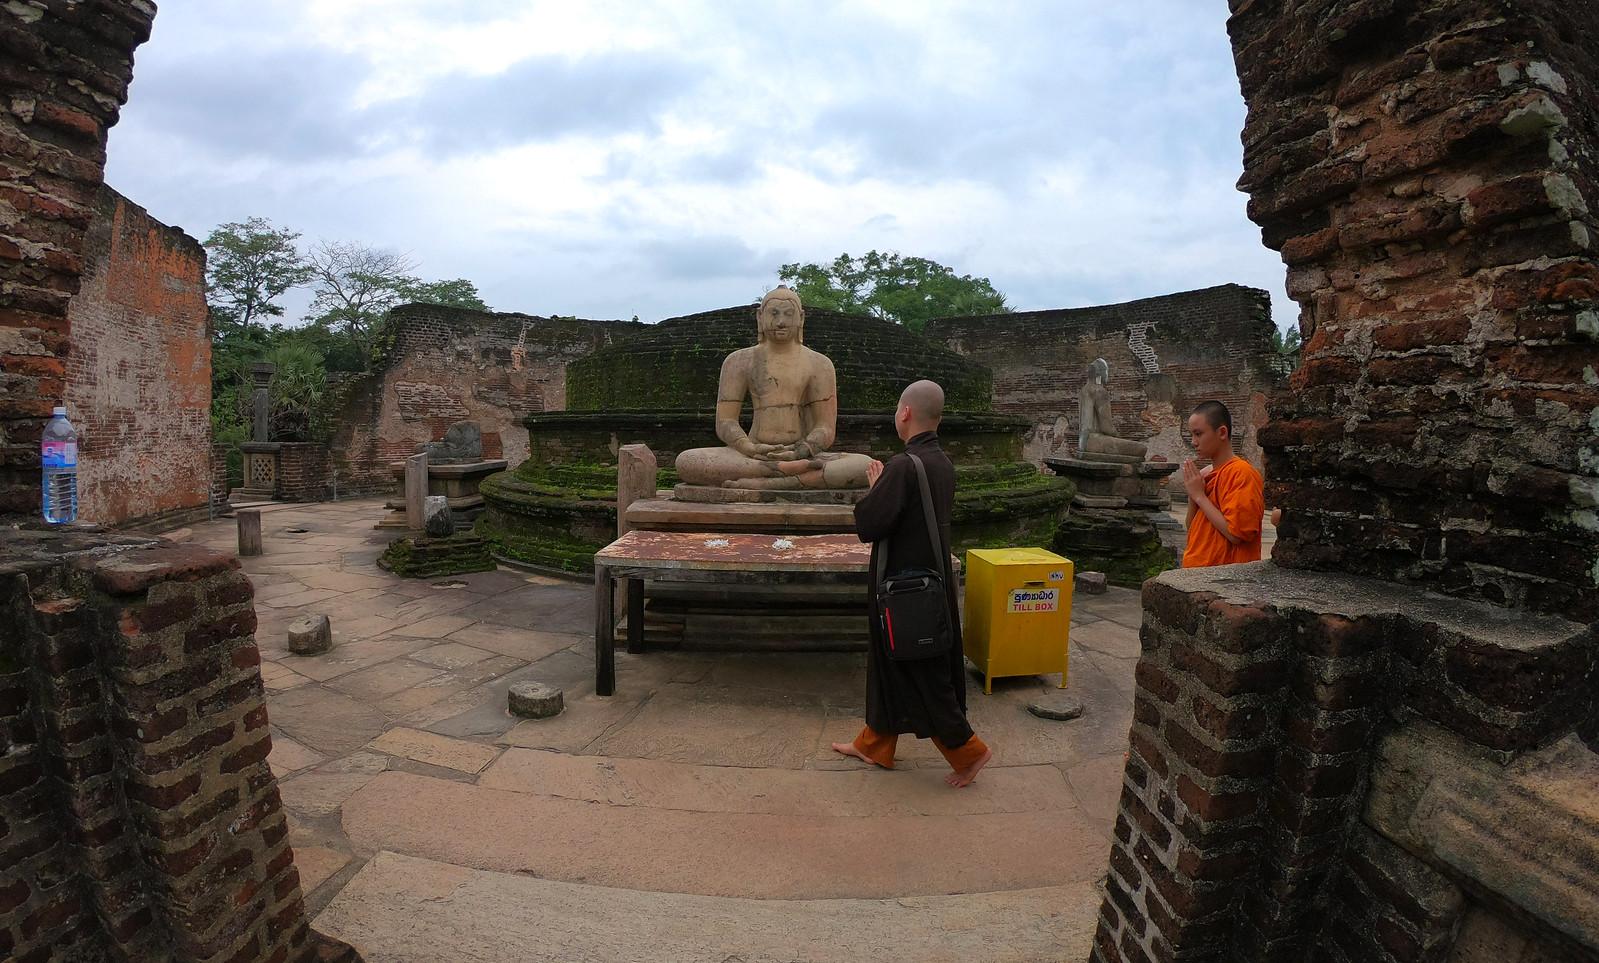 Visitar Polonnaruwa, la antigua capital de Sri Lanka visitar polonnaruwa - 39900921653 4e3e2b52a8 h - Visitar Polonnaruwa, la antigua capital de Sri Lanka